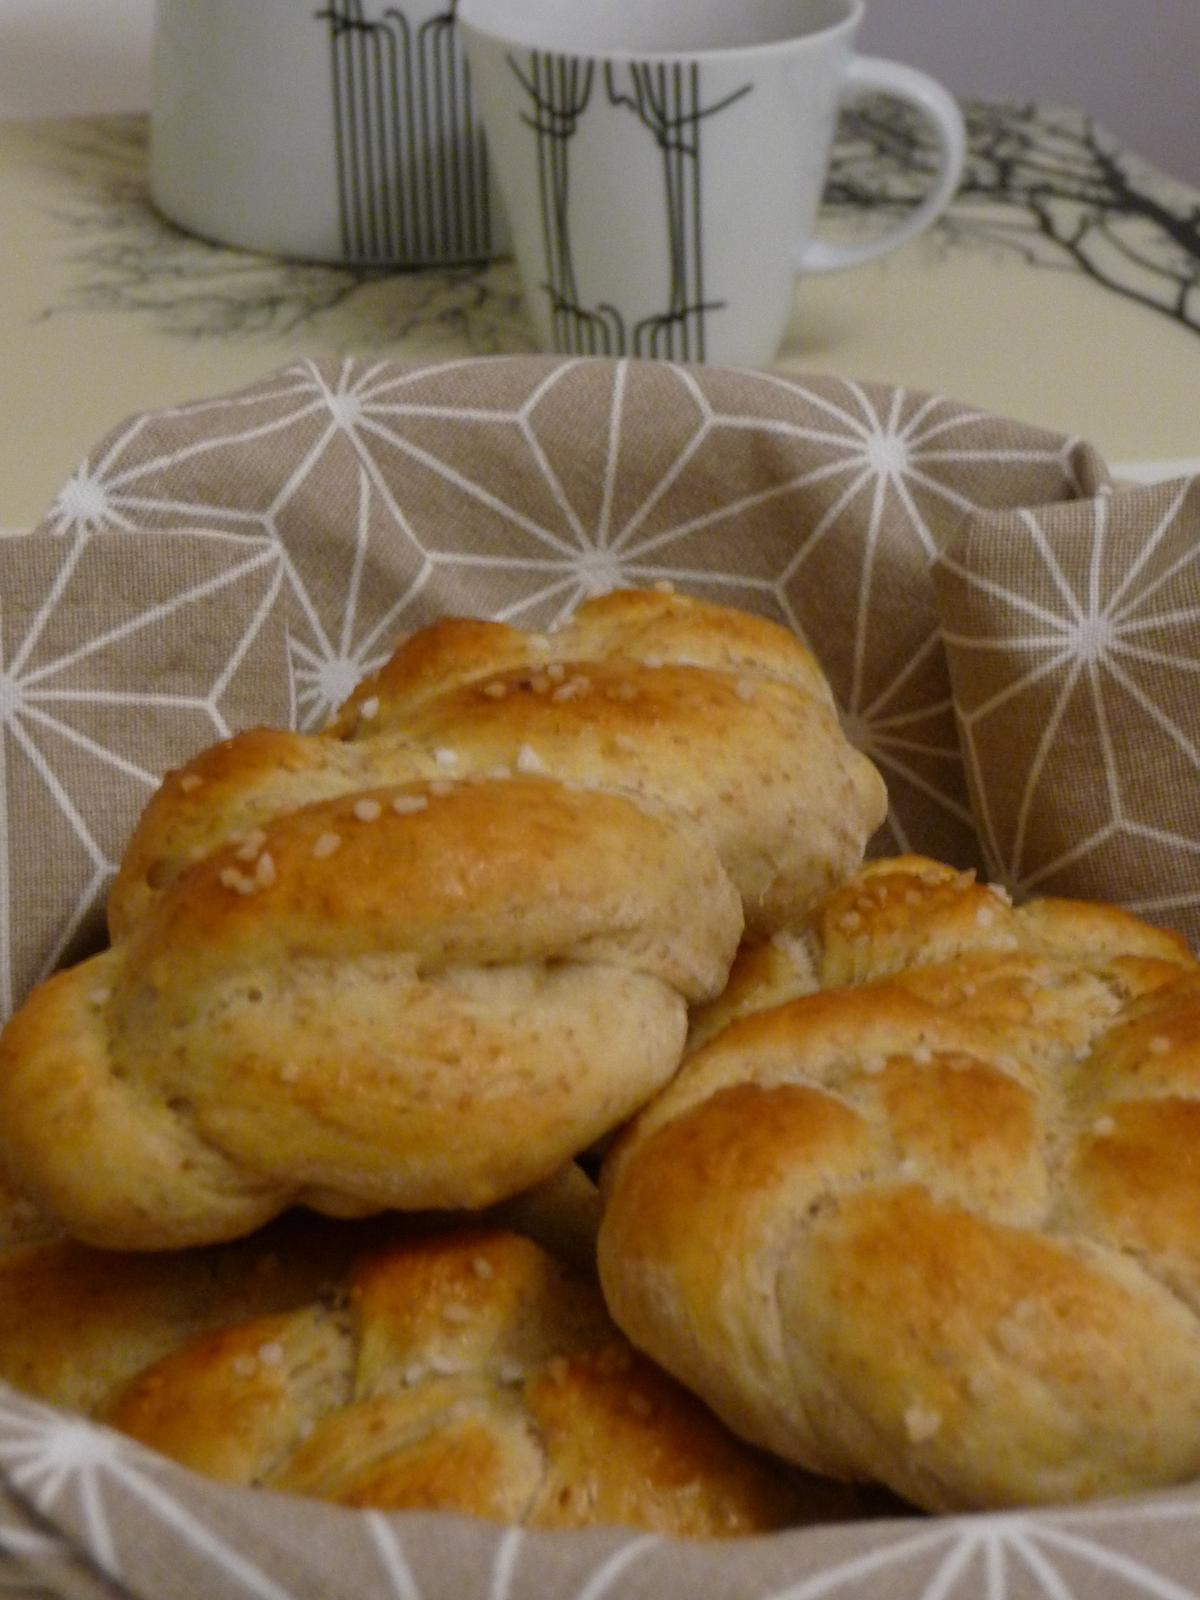 Z mého kuchařského deníku - Dneska jsem zkusila upéci houstičky z podmáslí a přidáním celozrnné pšeničné mouky.